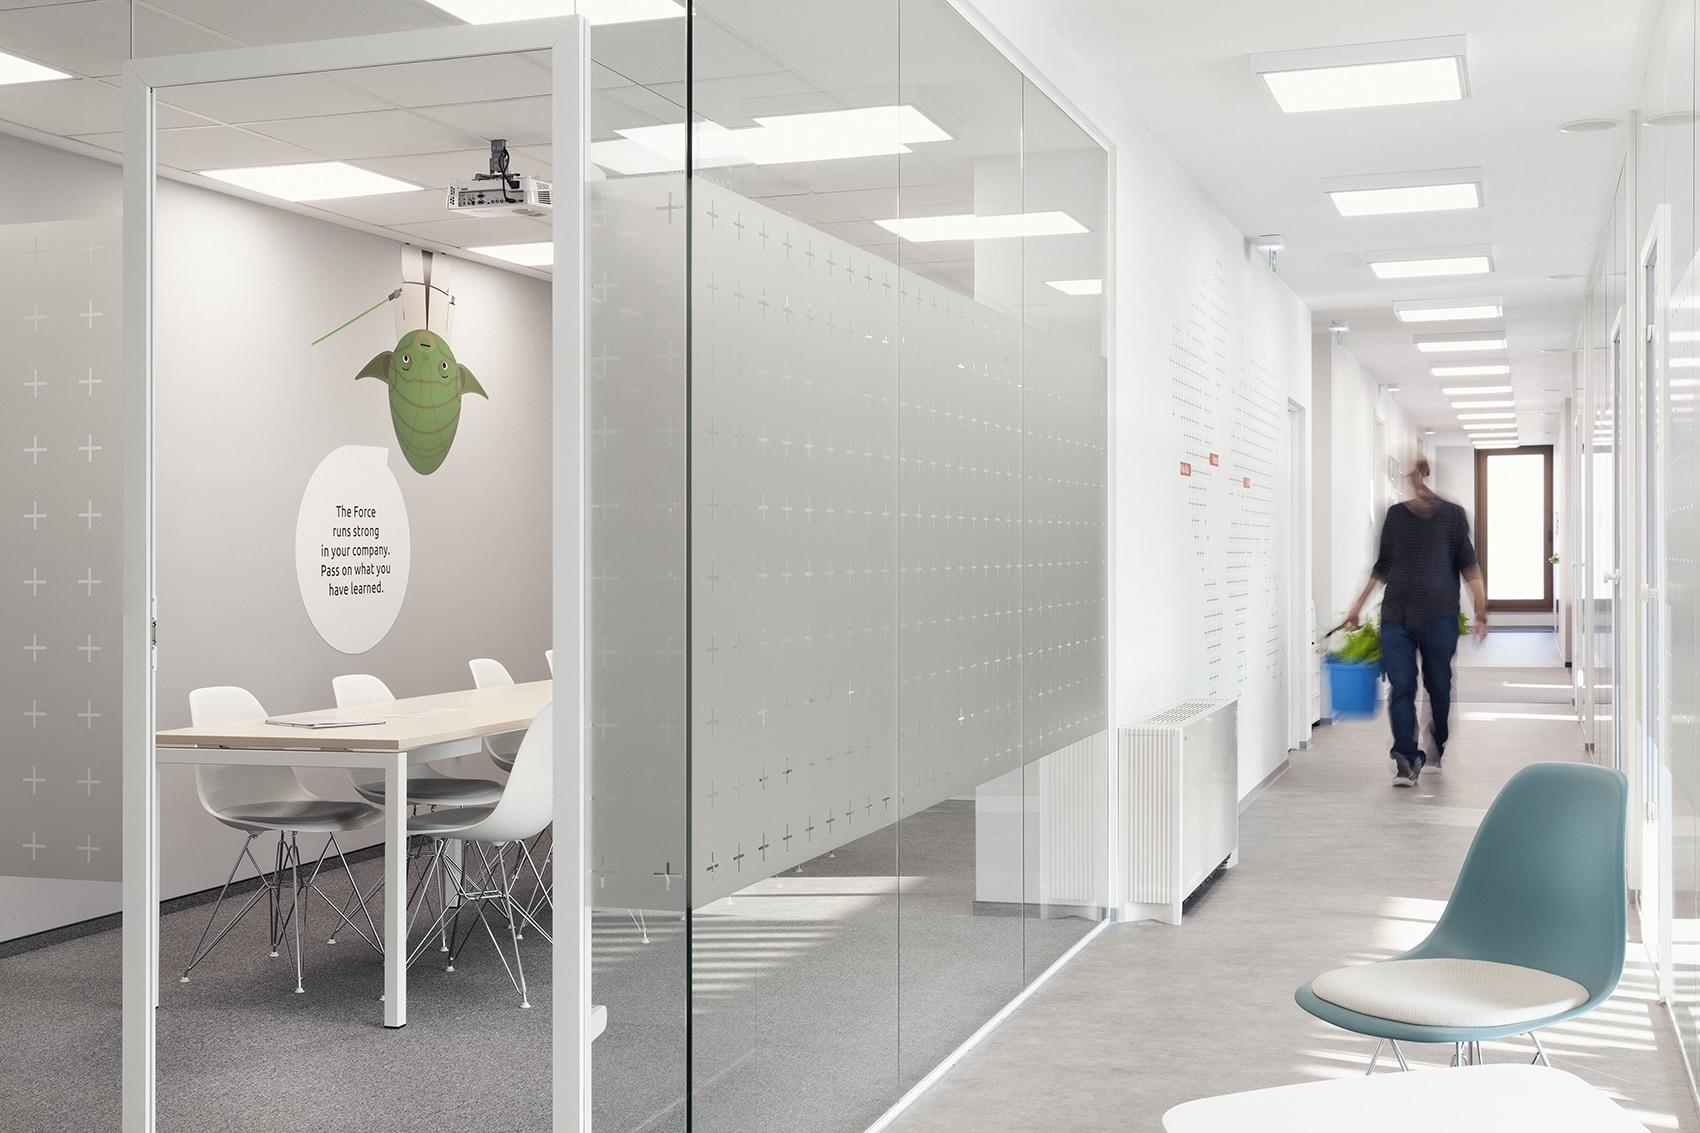 cache-atelier-interior-design-office-space-accedia-bulgaria-sofia_09